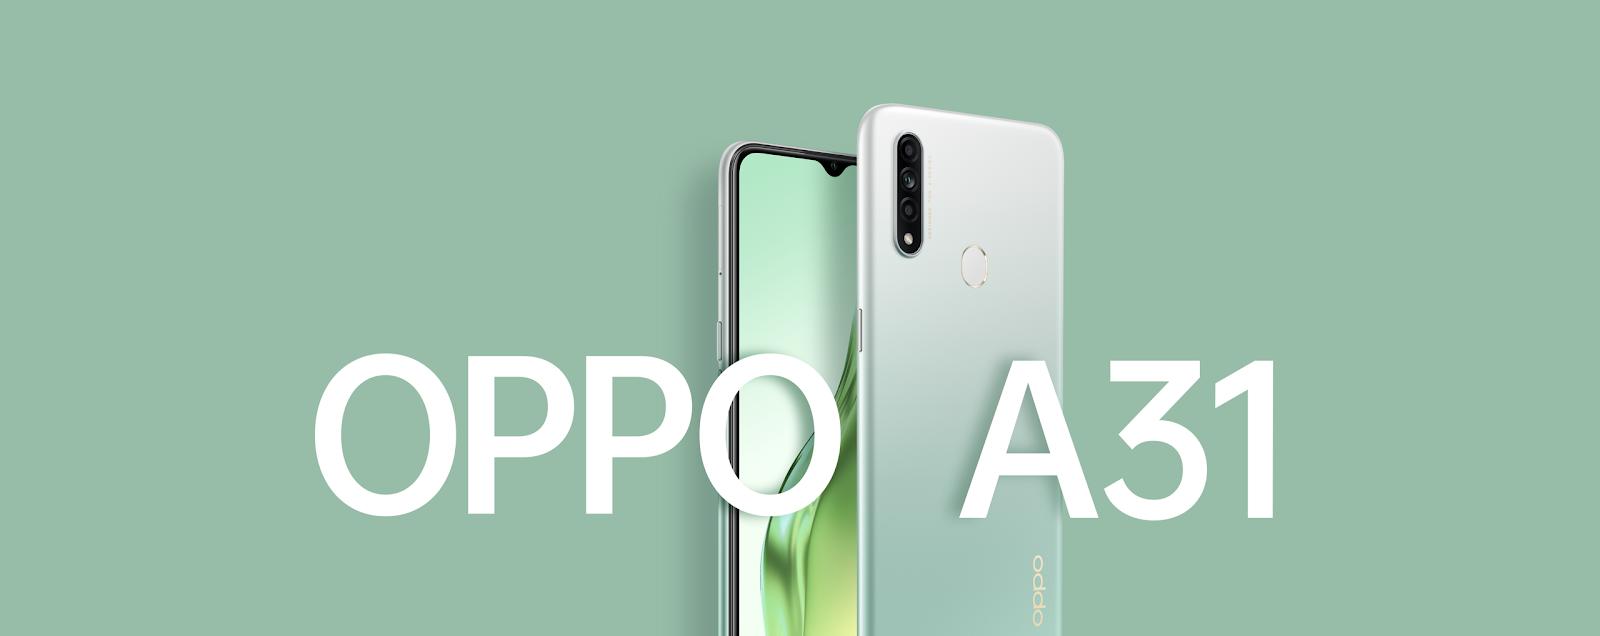 OPPO a31 price in Kenya